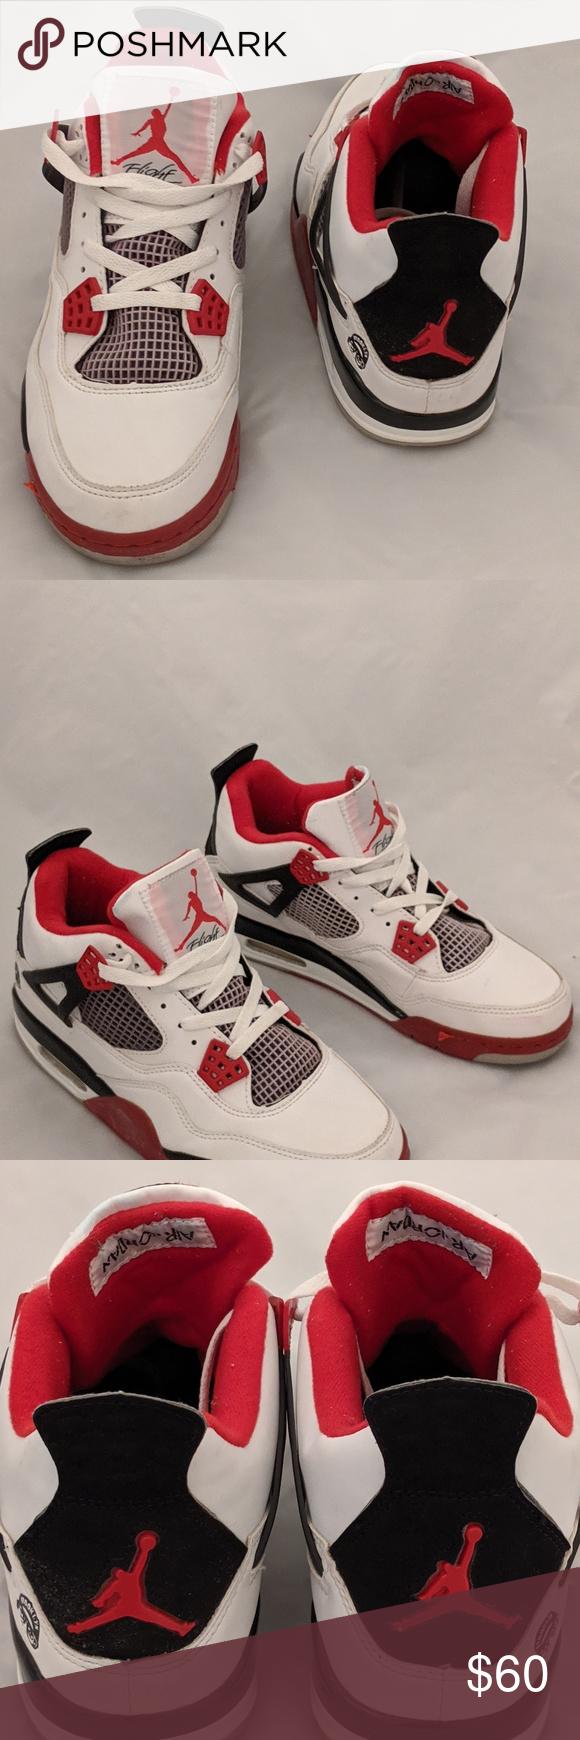 Nike Air Jordan 4 IV Fire Red Air